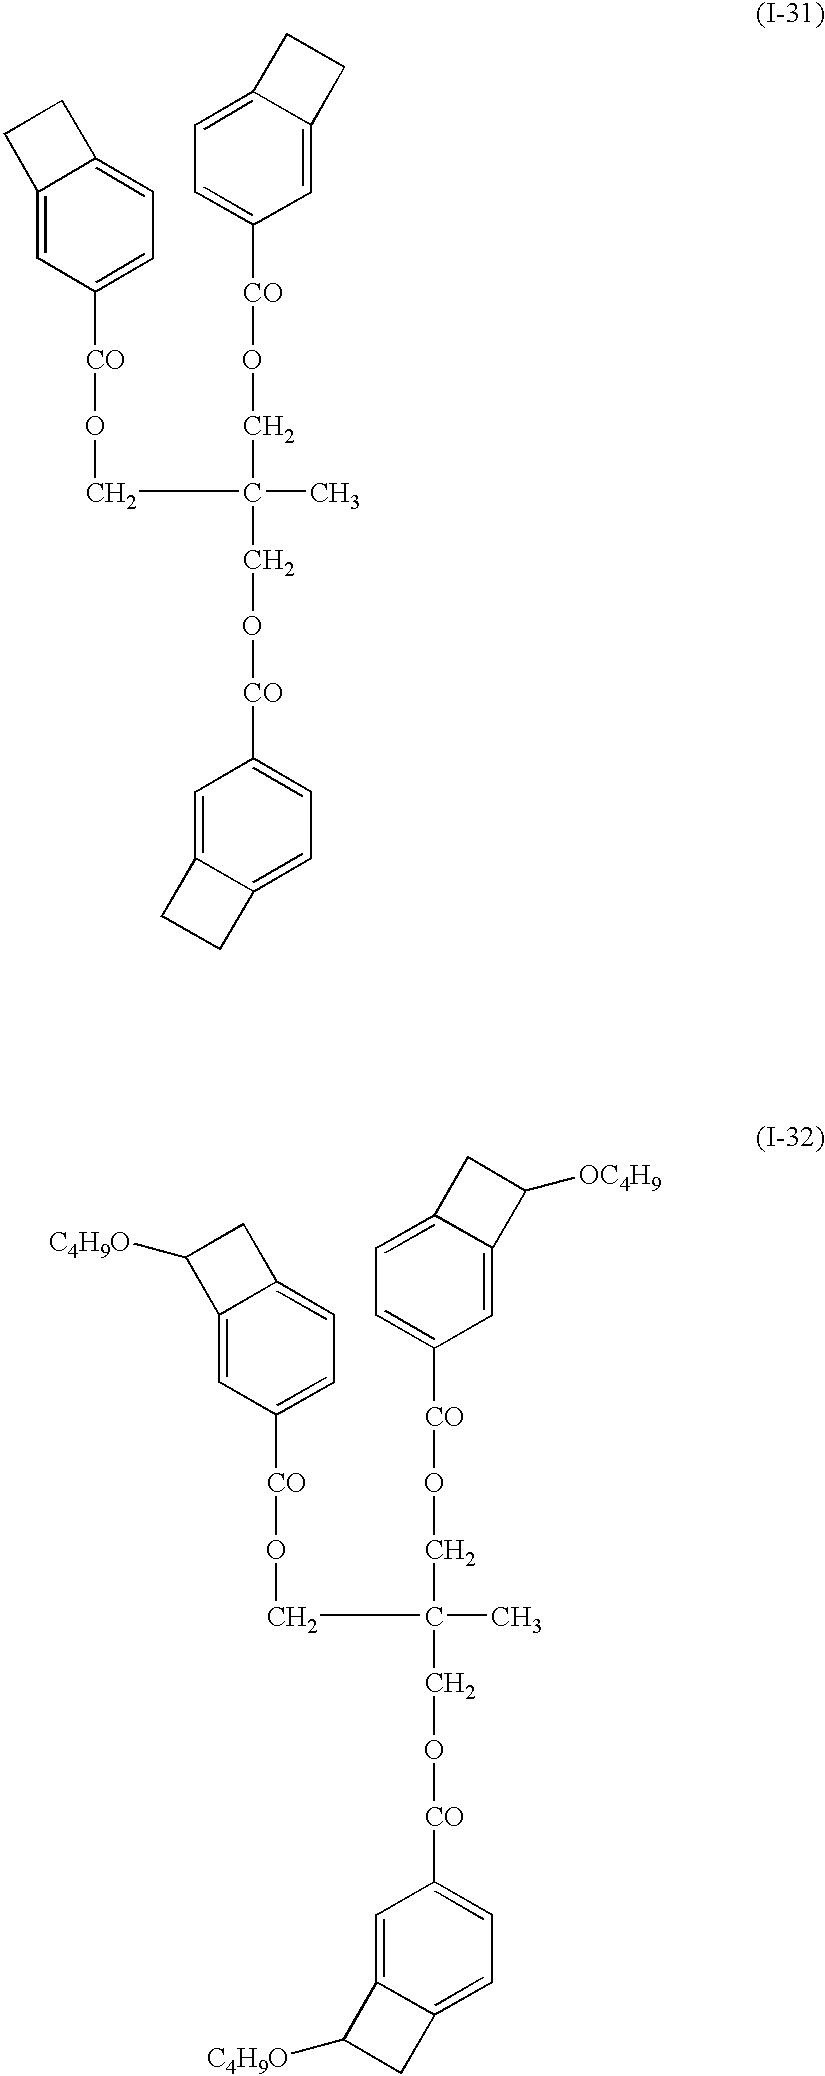 Figure US20030165778A1-20030904-C00021